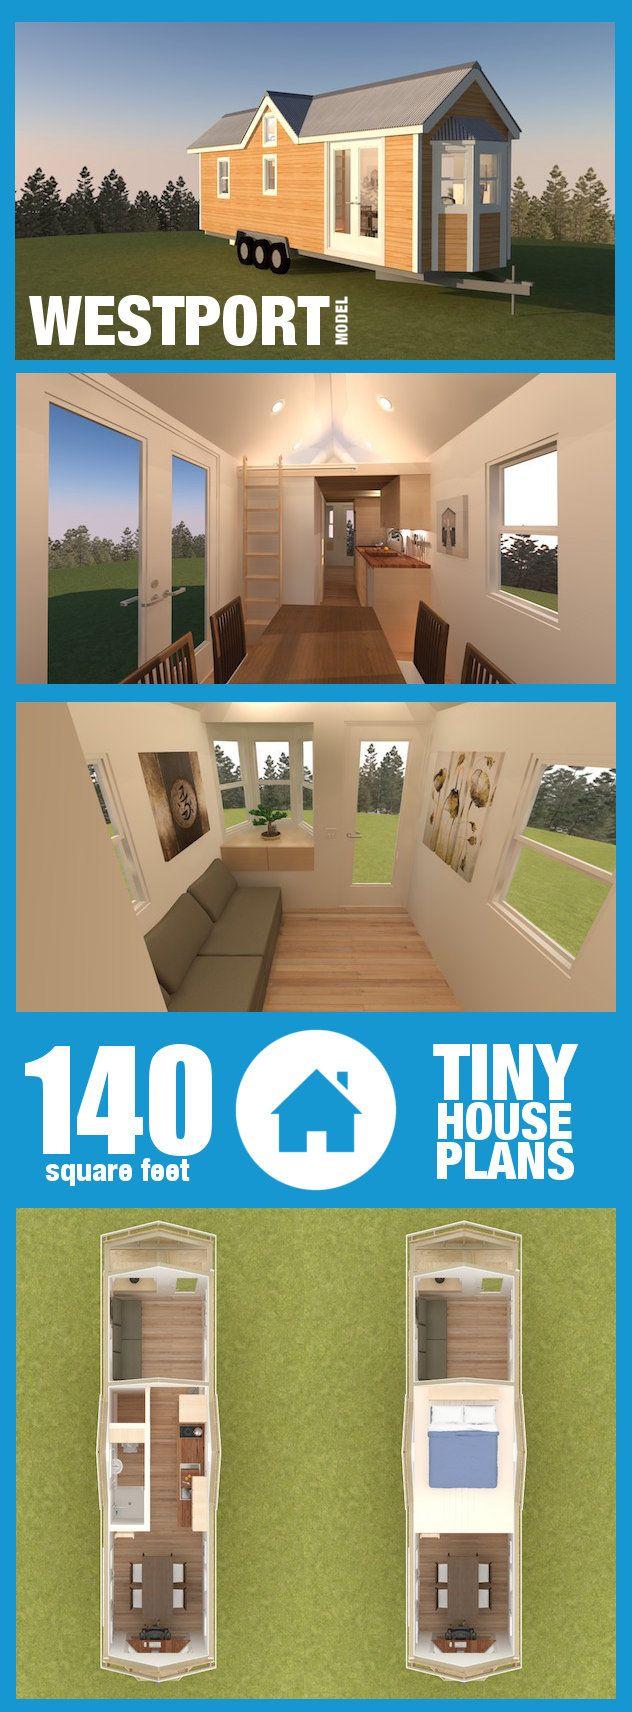 tiny house plans 198 square foot westport model see renderings